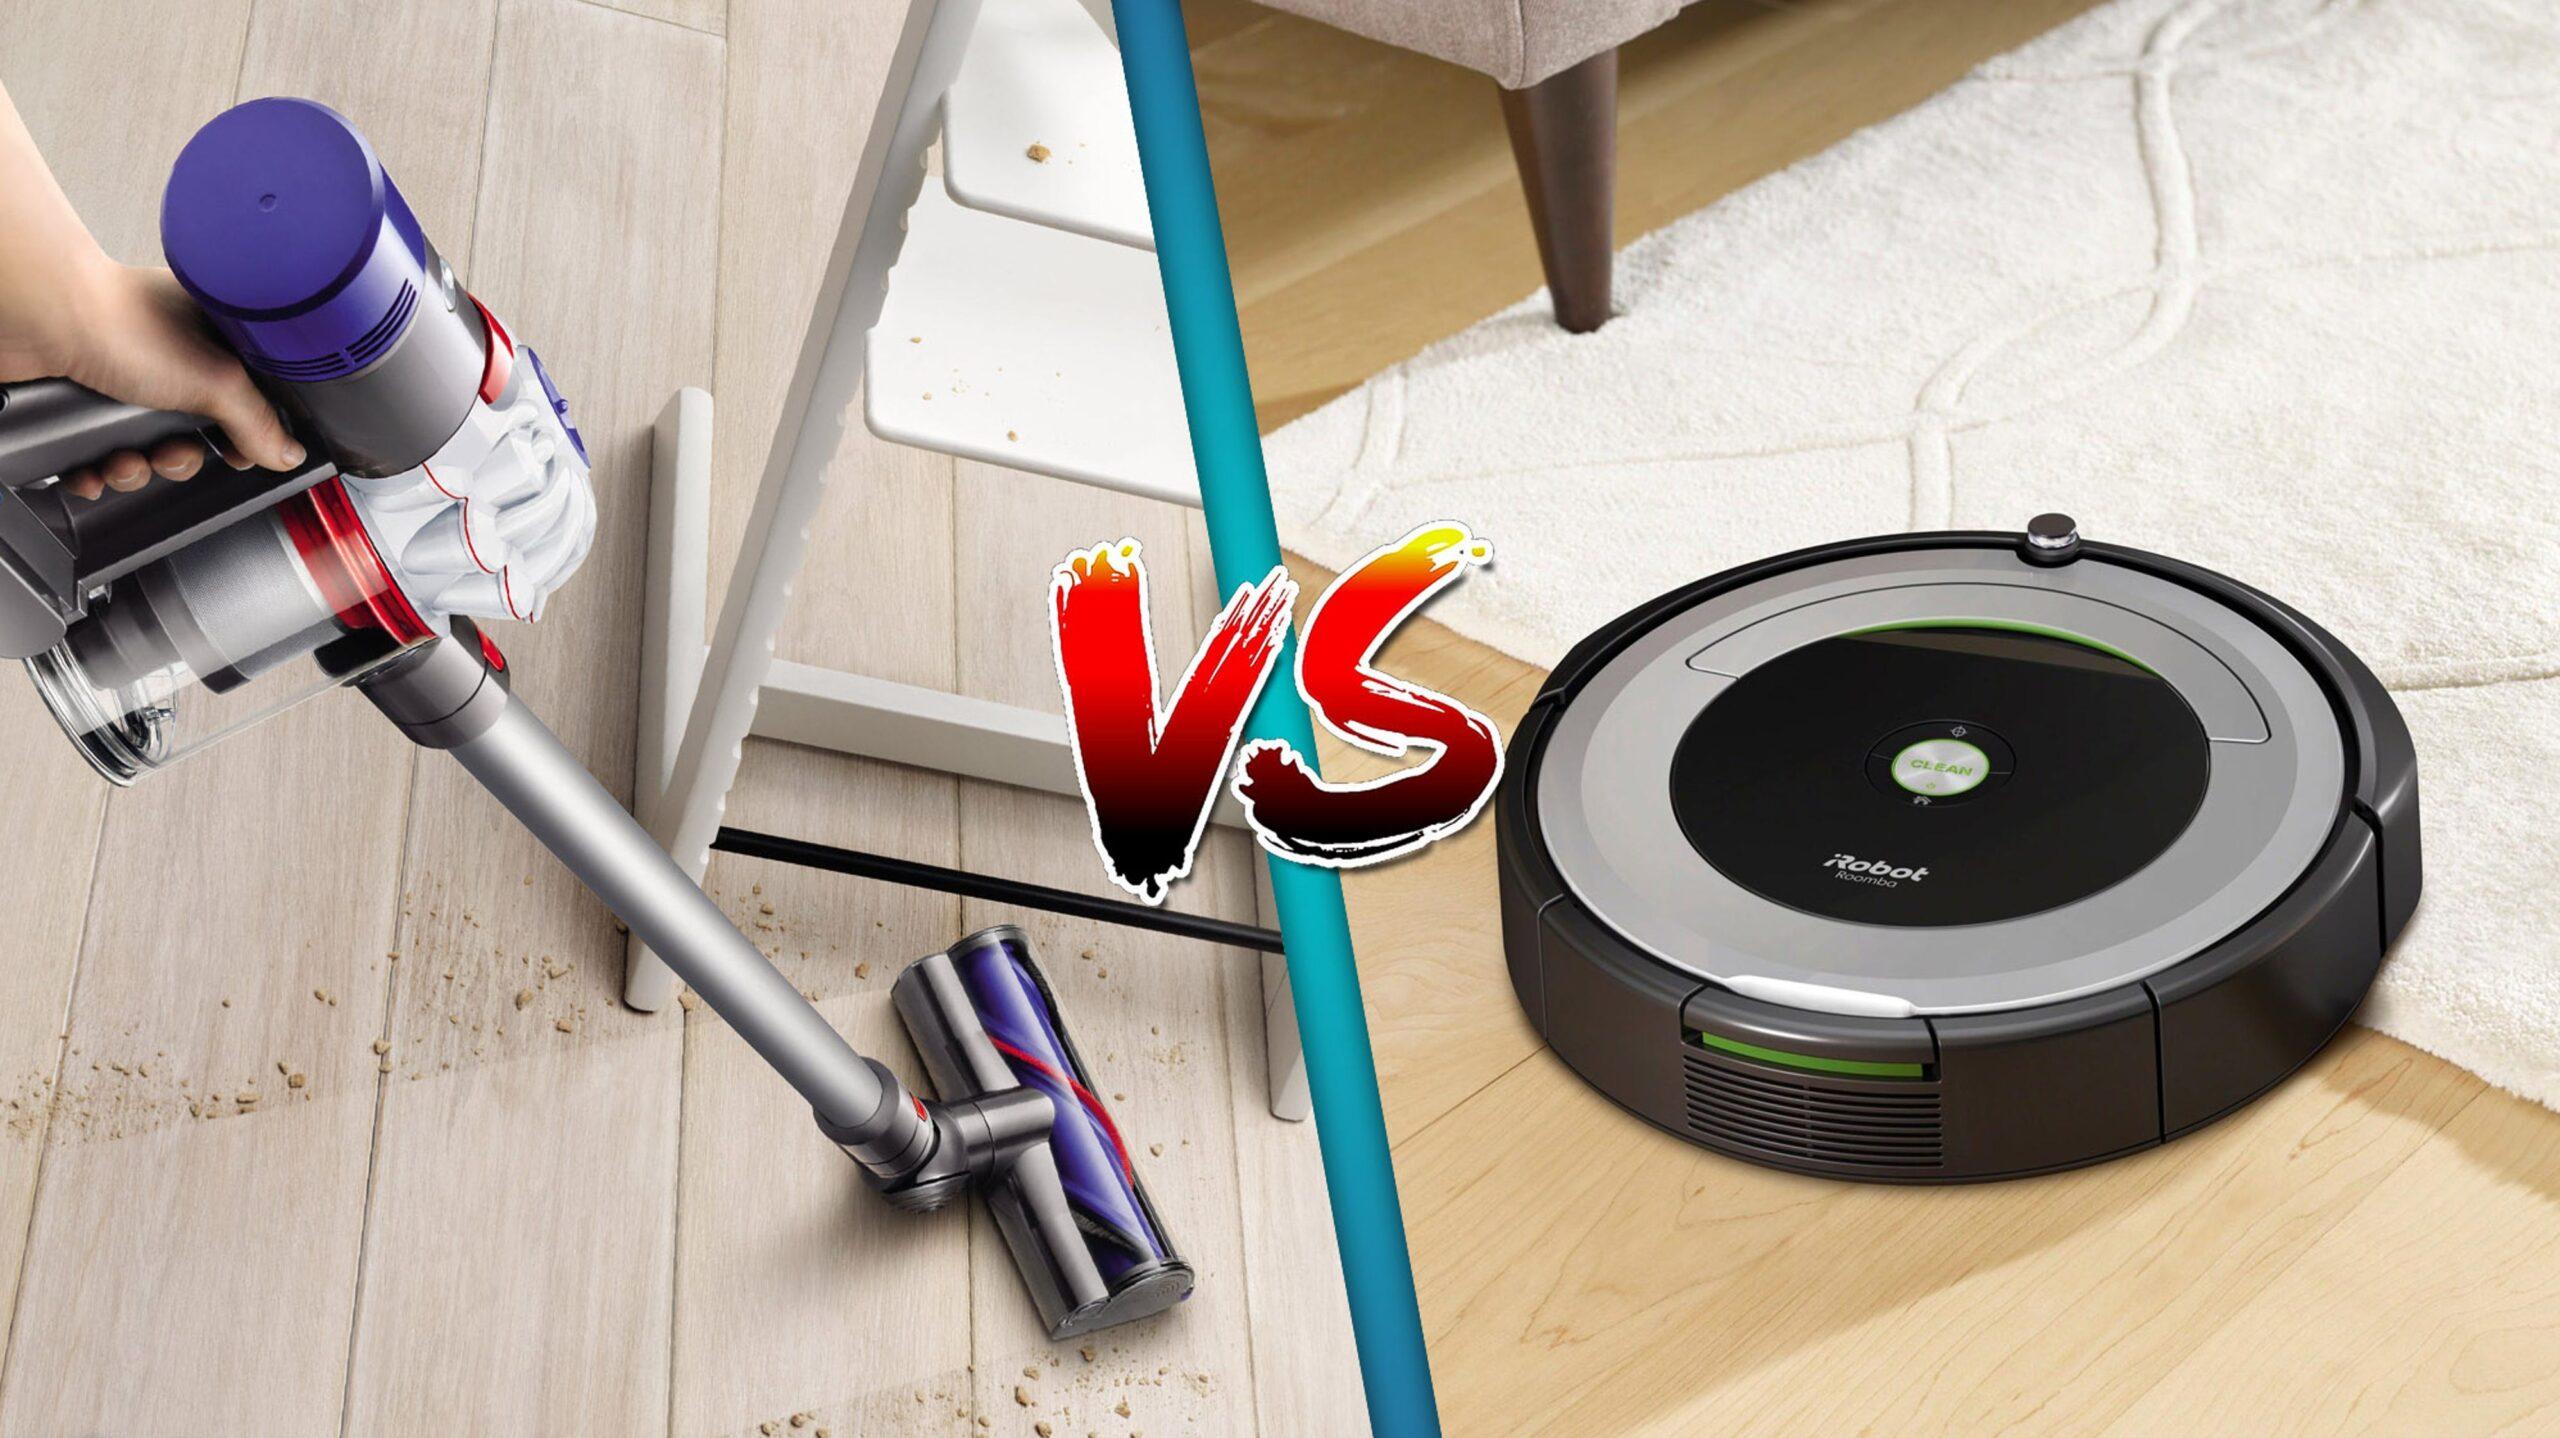 stick vacuum vs robot vacuum